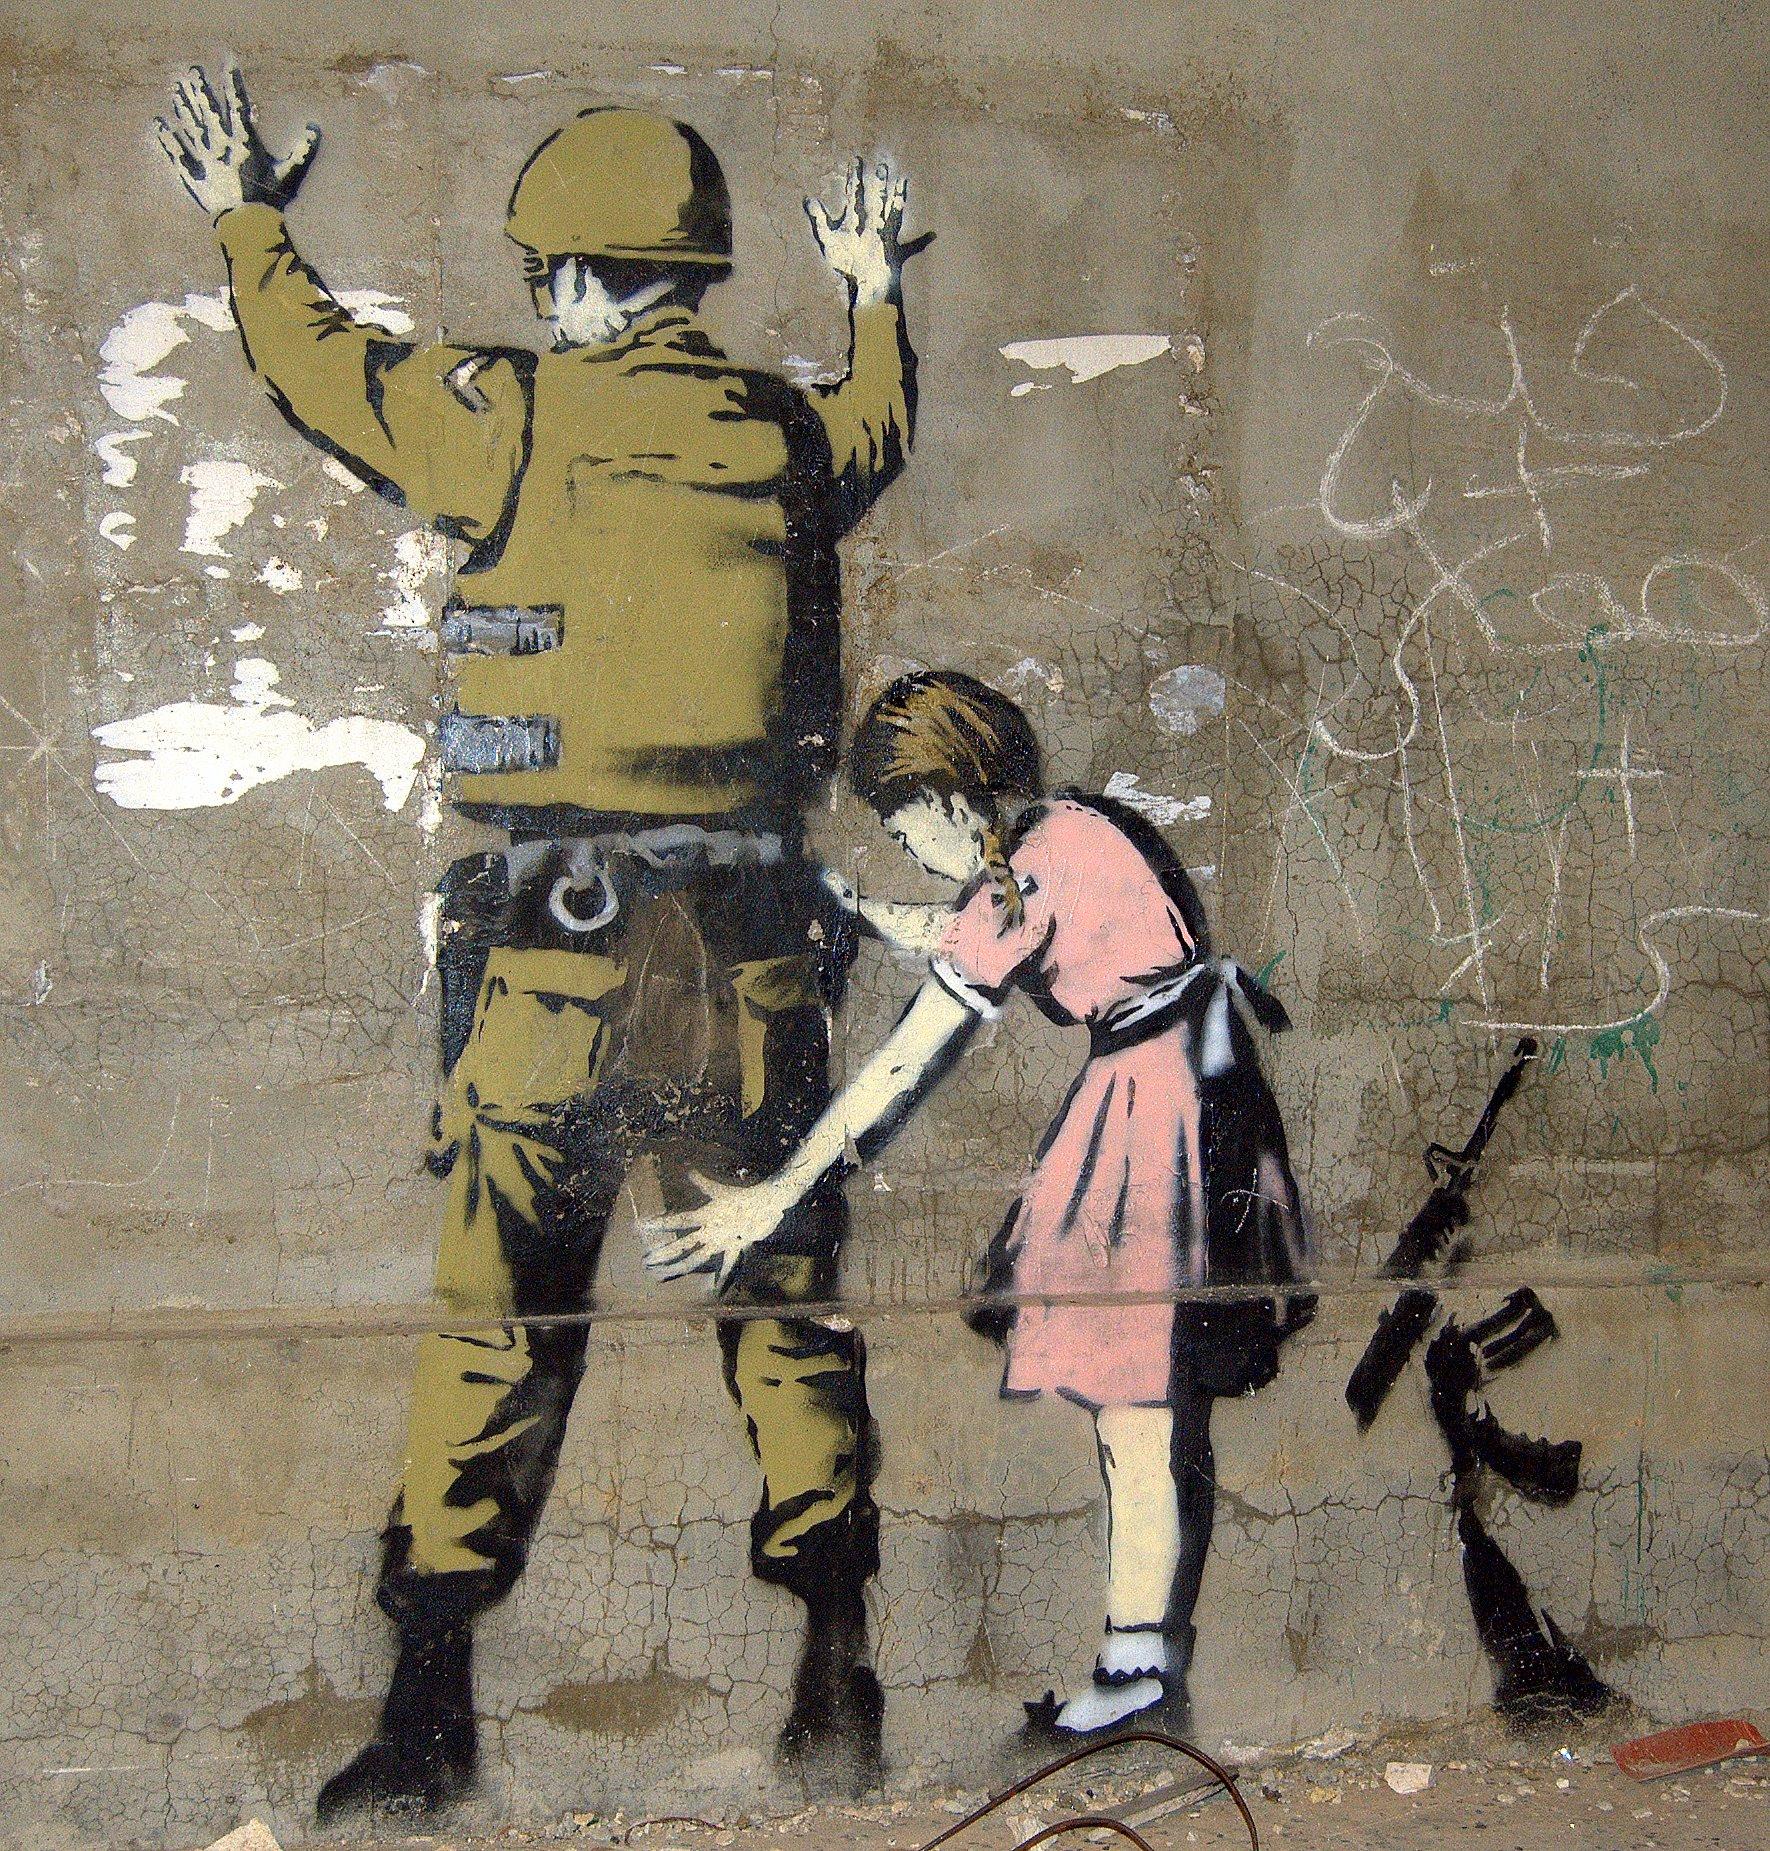 Graffiti in Bethlehem